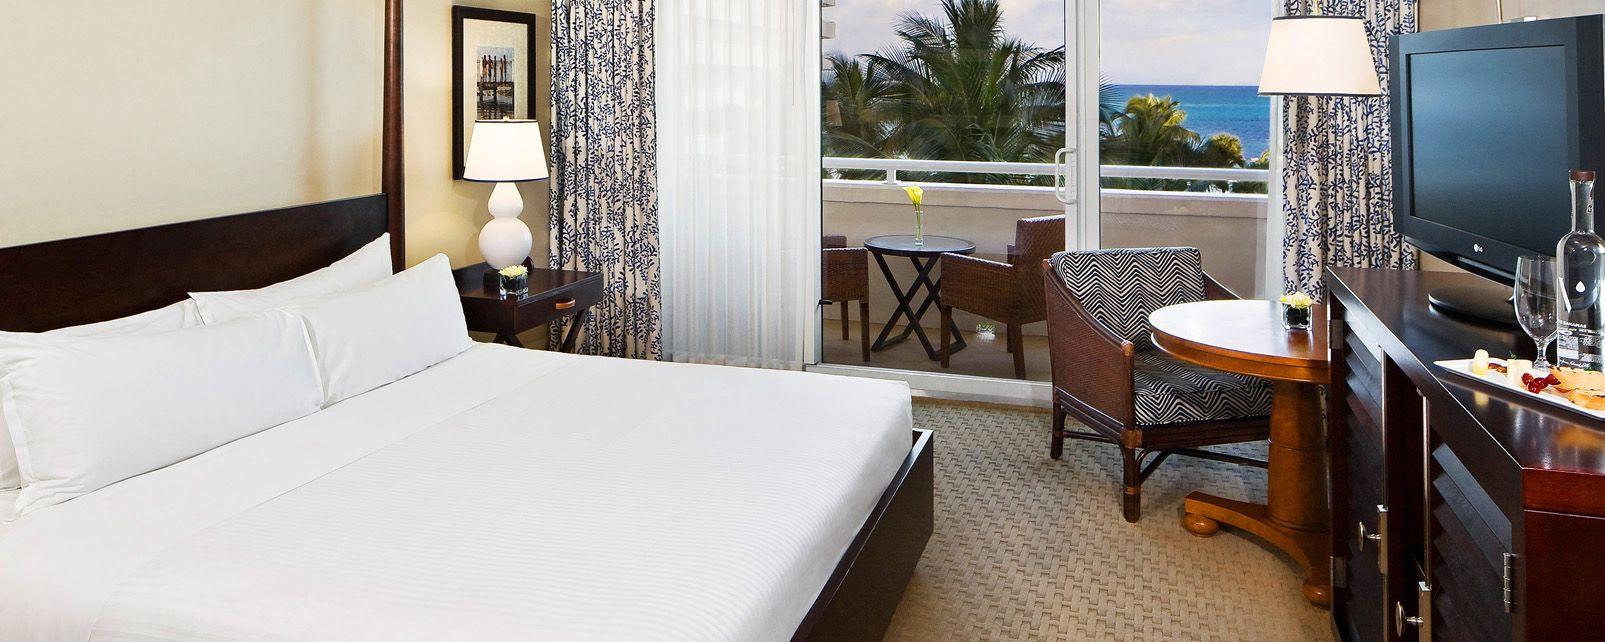 Hôtel Melia Nassau Beach